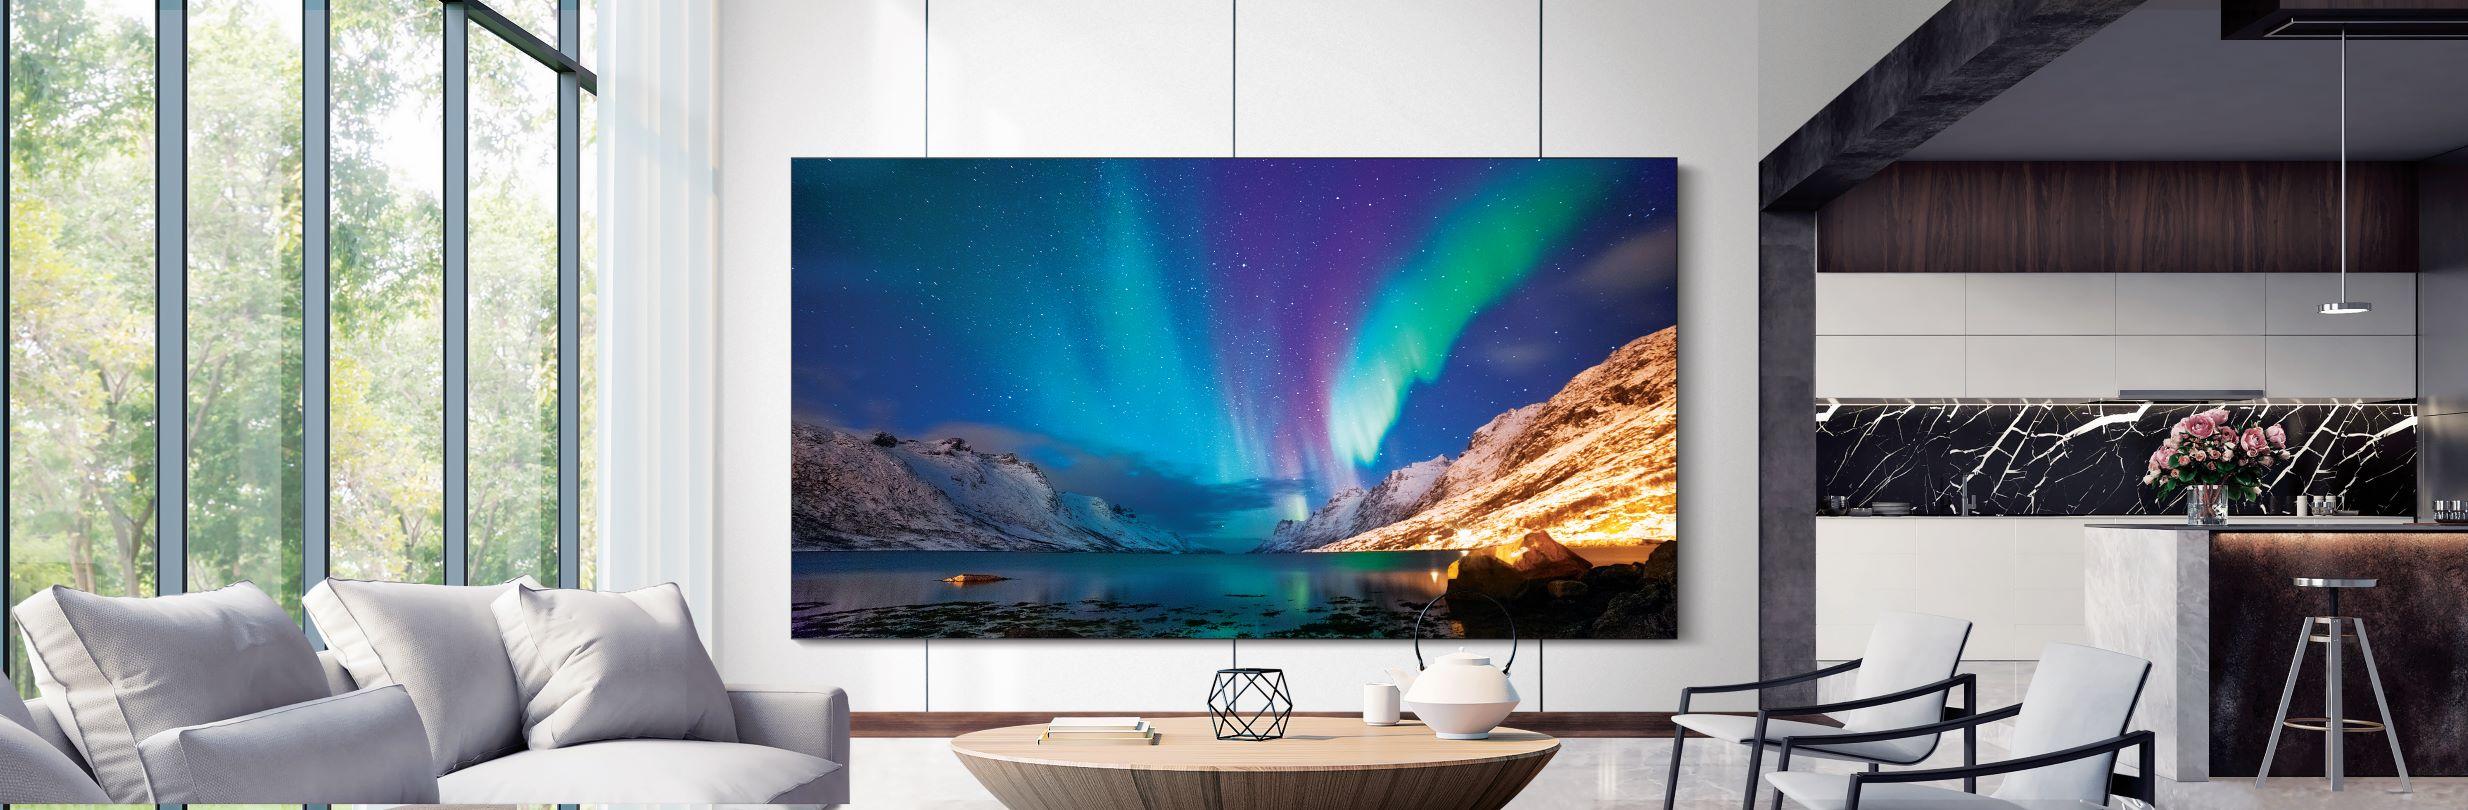 Samsung foi a marca que mais TVs vendeu no terceiro trimestre de 2020